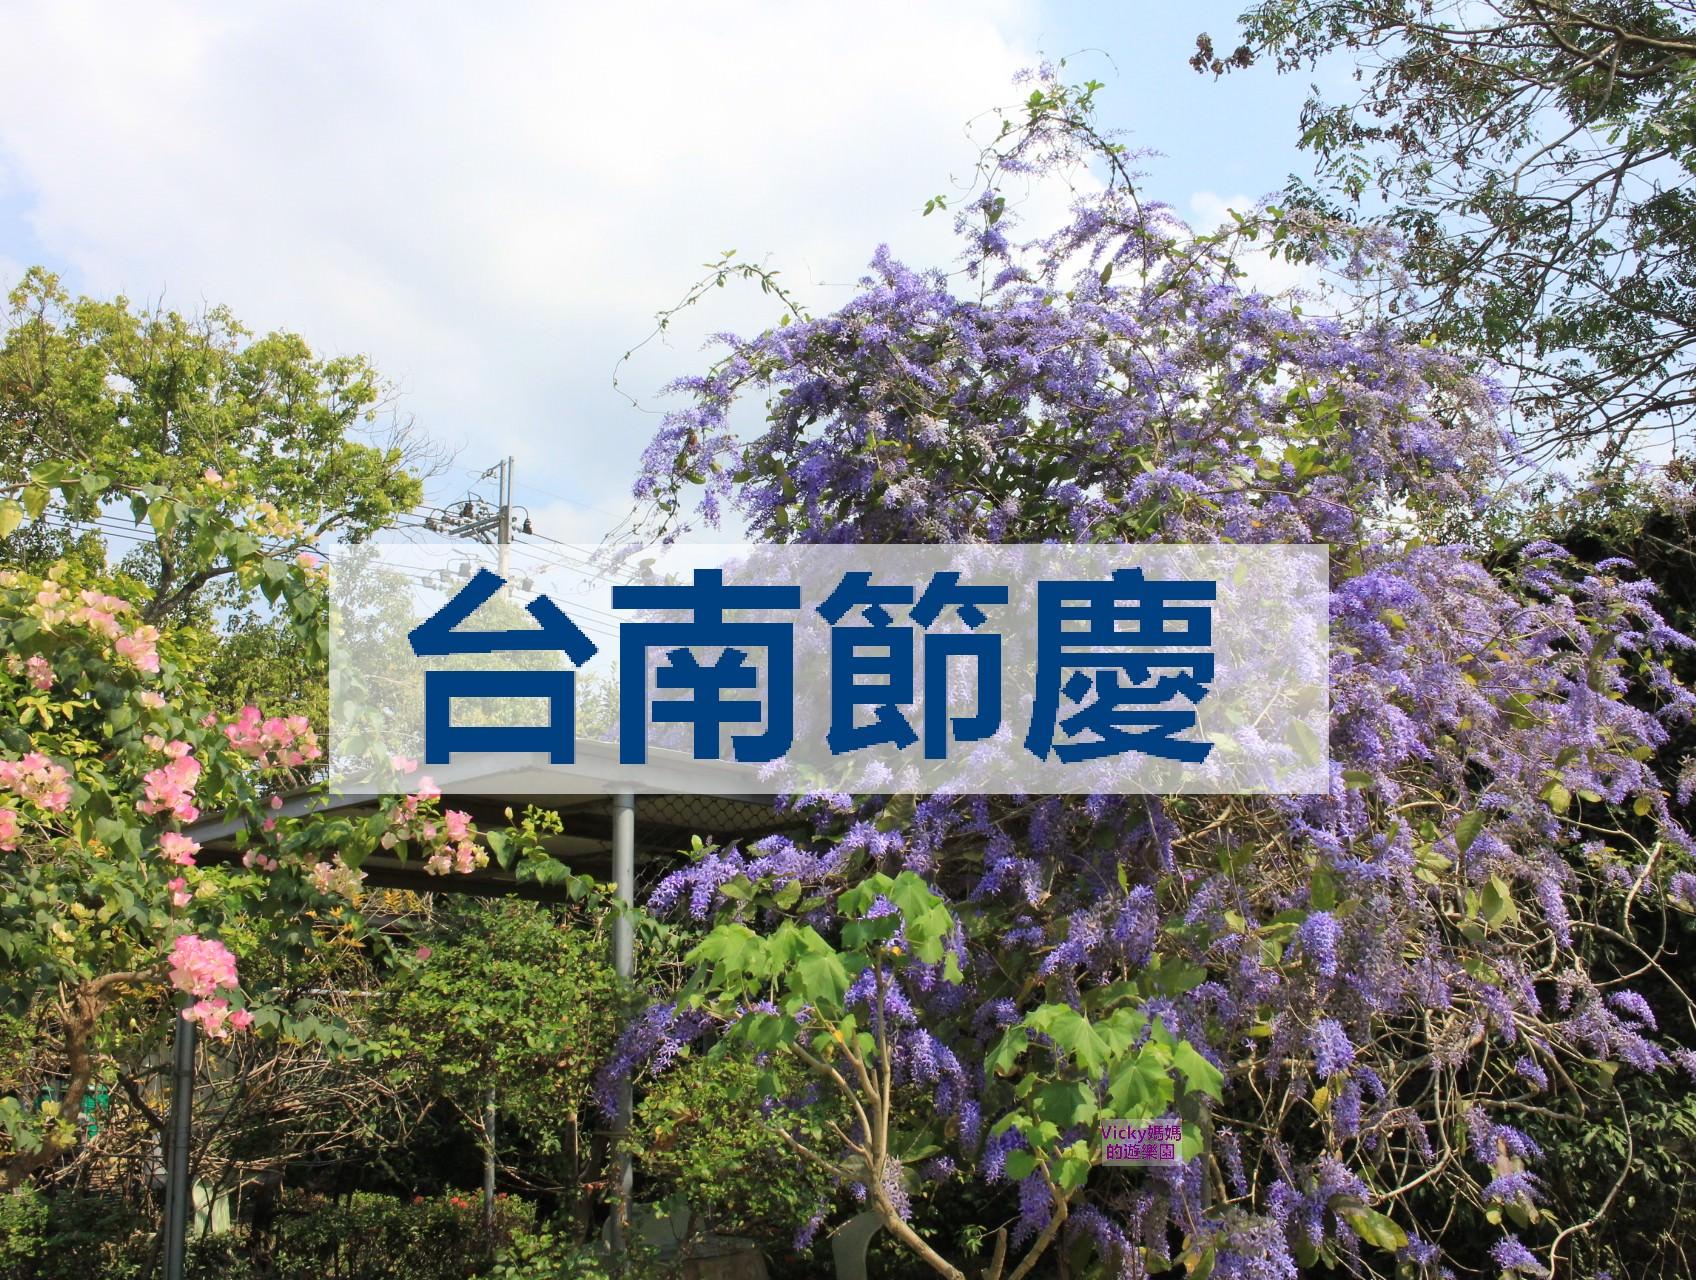 台南旅遊︱台南節慶活動:台南一整年的活動都在這裡,搭配台南一日遊,趕緊來台南旅遊吧